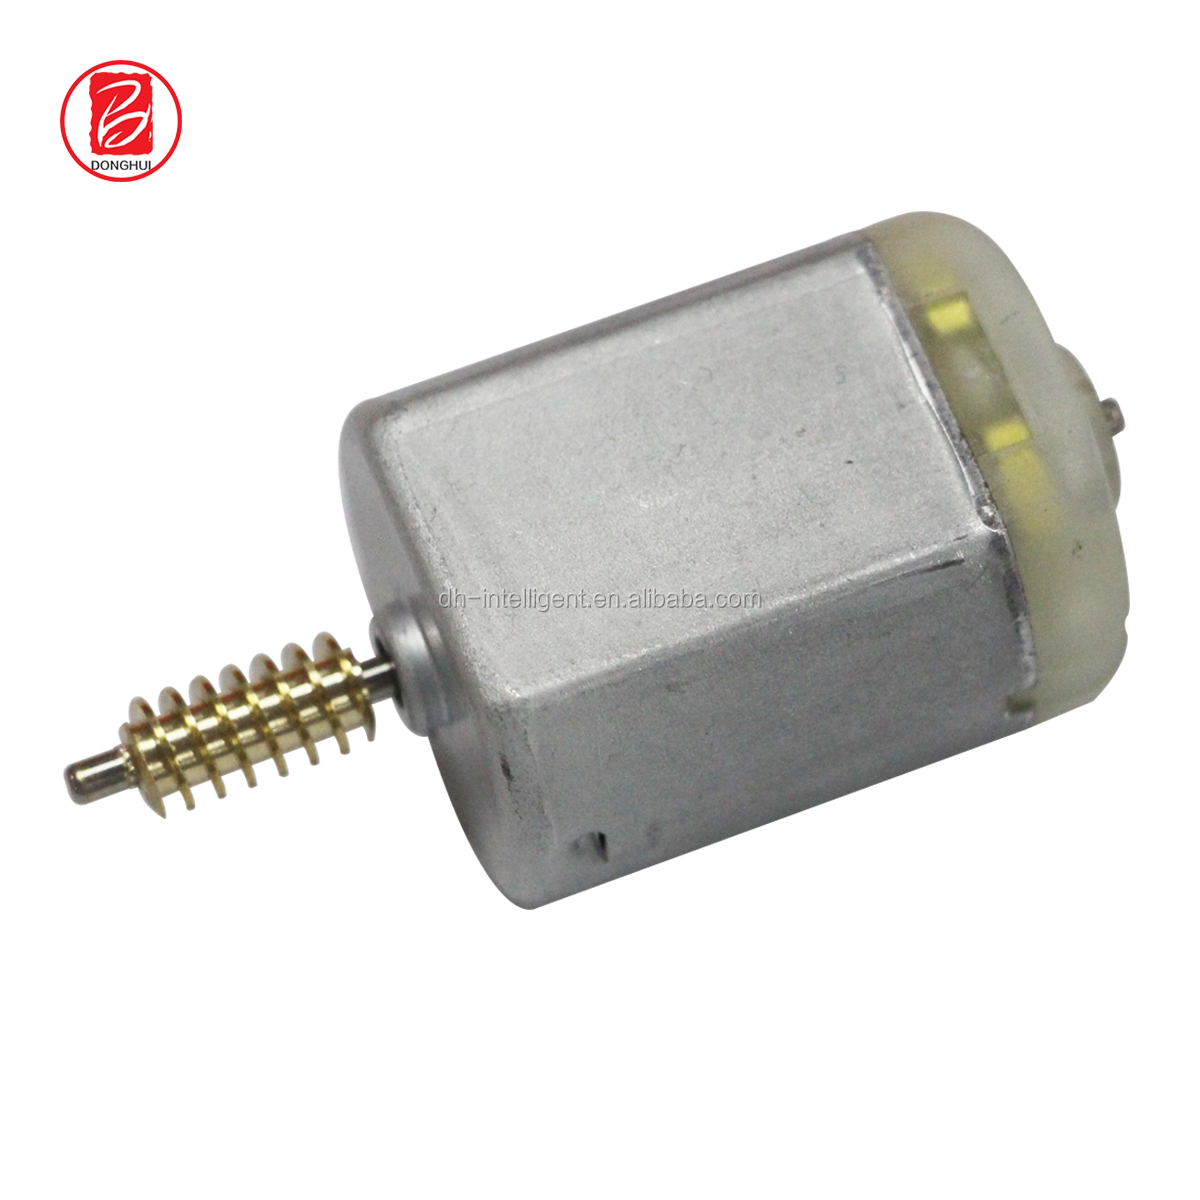 12v micro motor fc 280sc 18180 dc motor for car door lock actuator